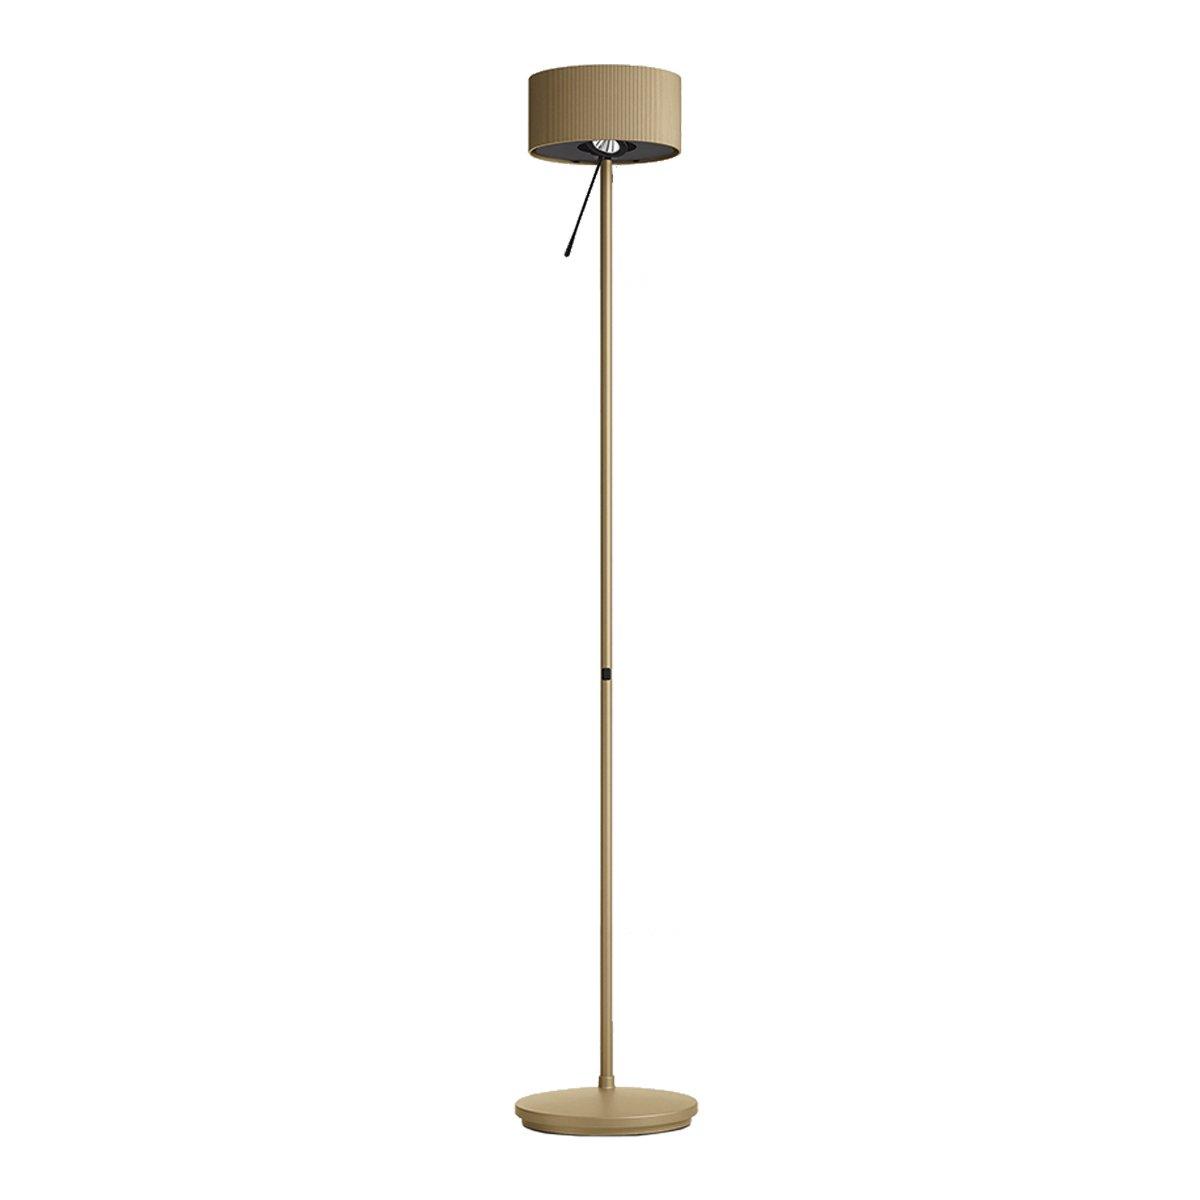 Diogenes Vloerlamp Brons - Belux